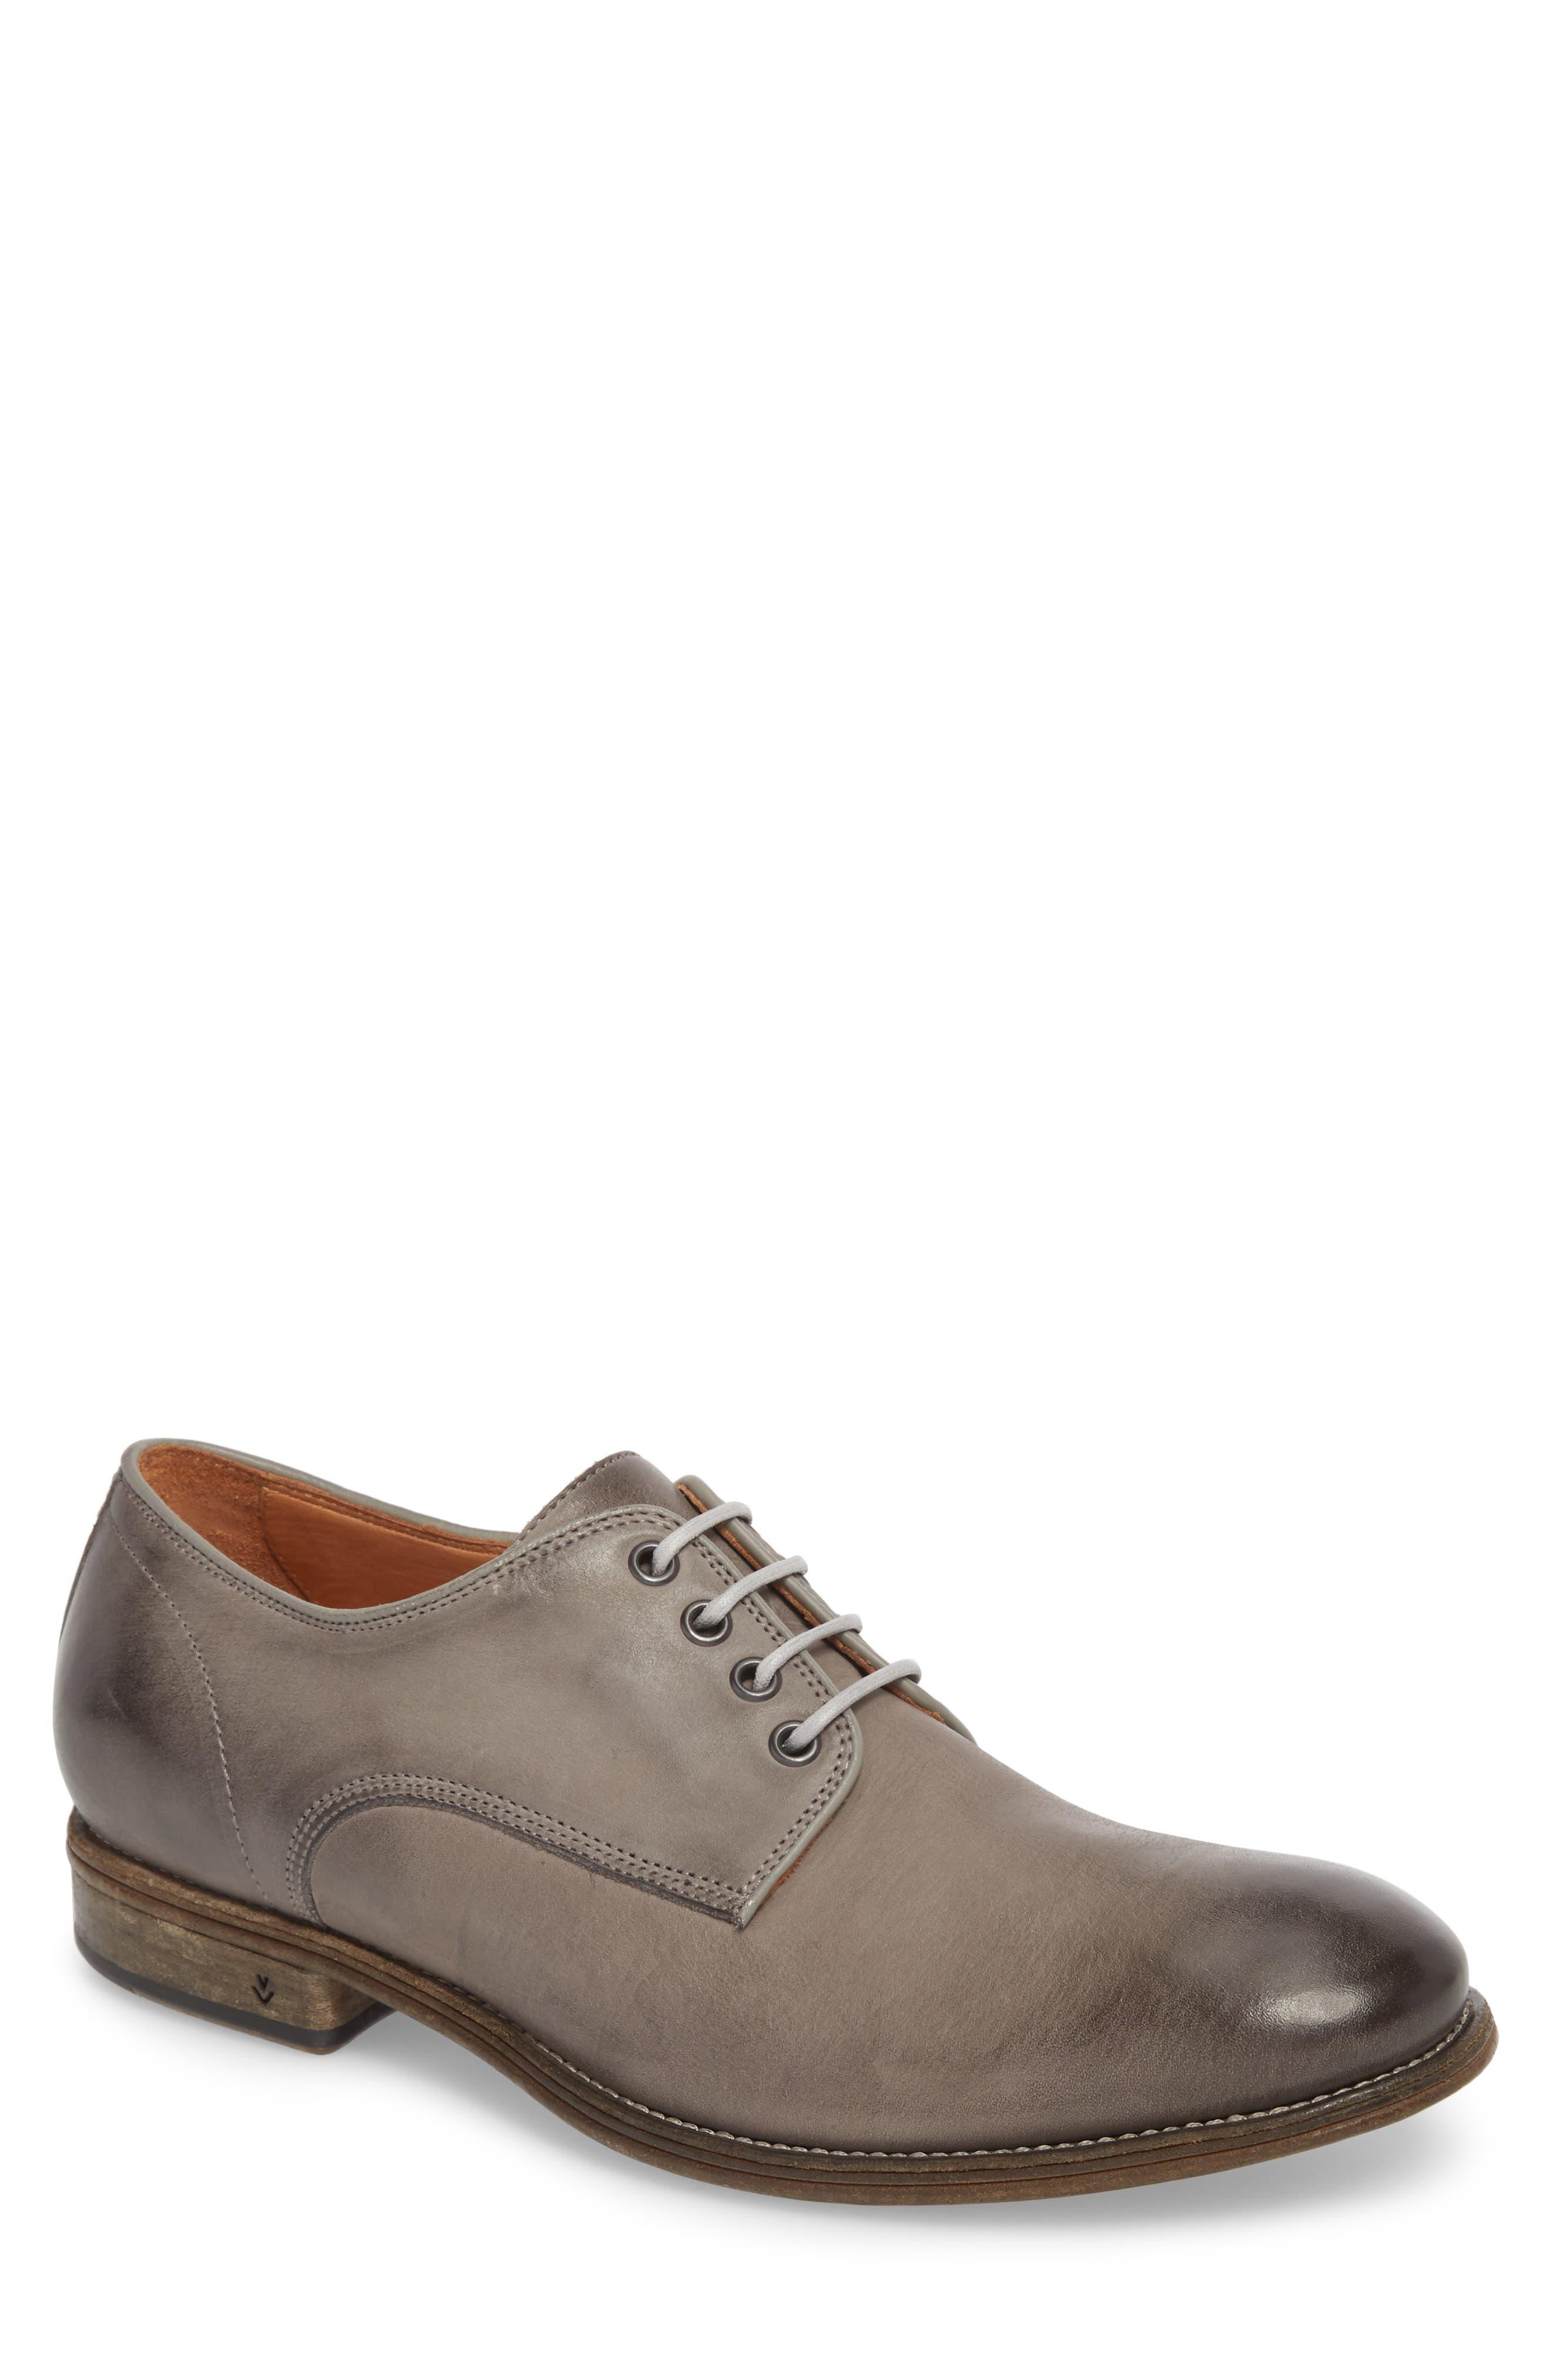 John Varvatos Stanton Plain Toe Derby,                         Main,                         color, Ash Leather